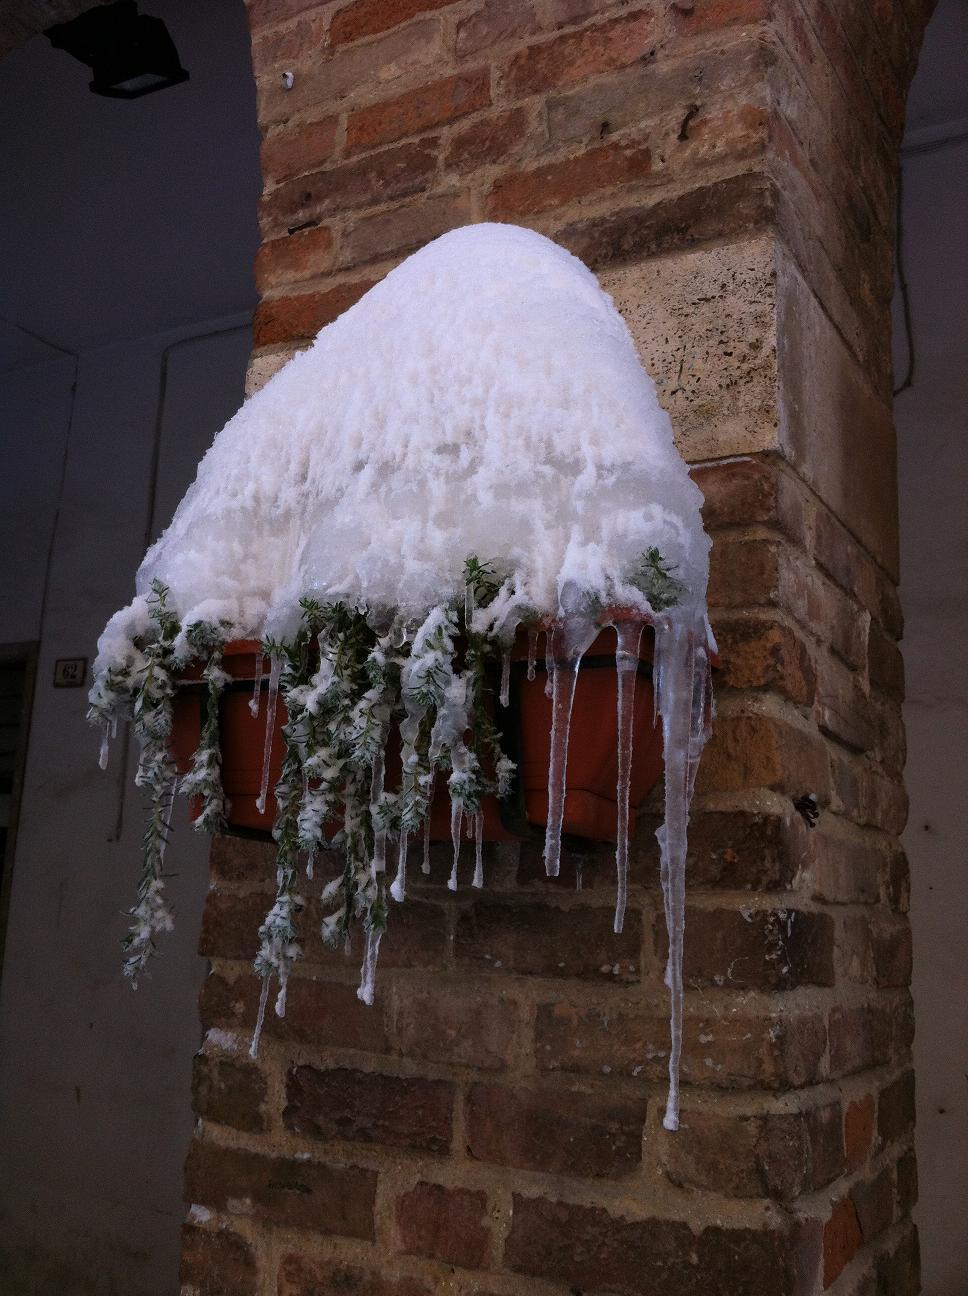 Vaso innevato, Grottammare, 11 febbraio 2012 foto Silvia Basili